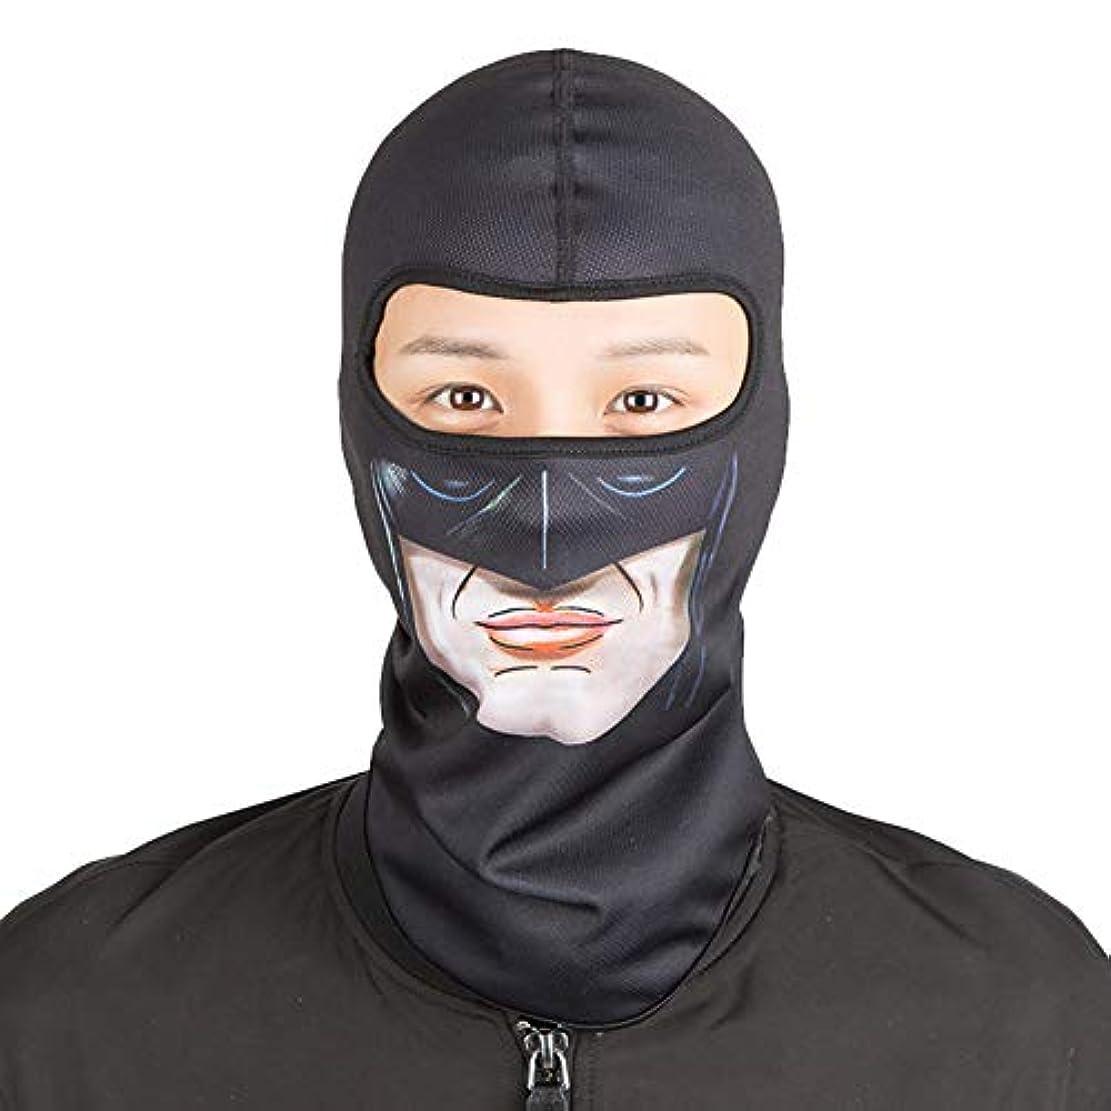 異邦人レザートレーダーコールドマスクライディングマスクスポーツスキー顔アンチ霧防塵防風電動オートバイの帽子